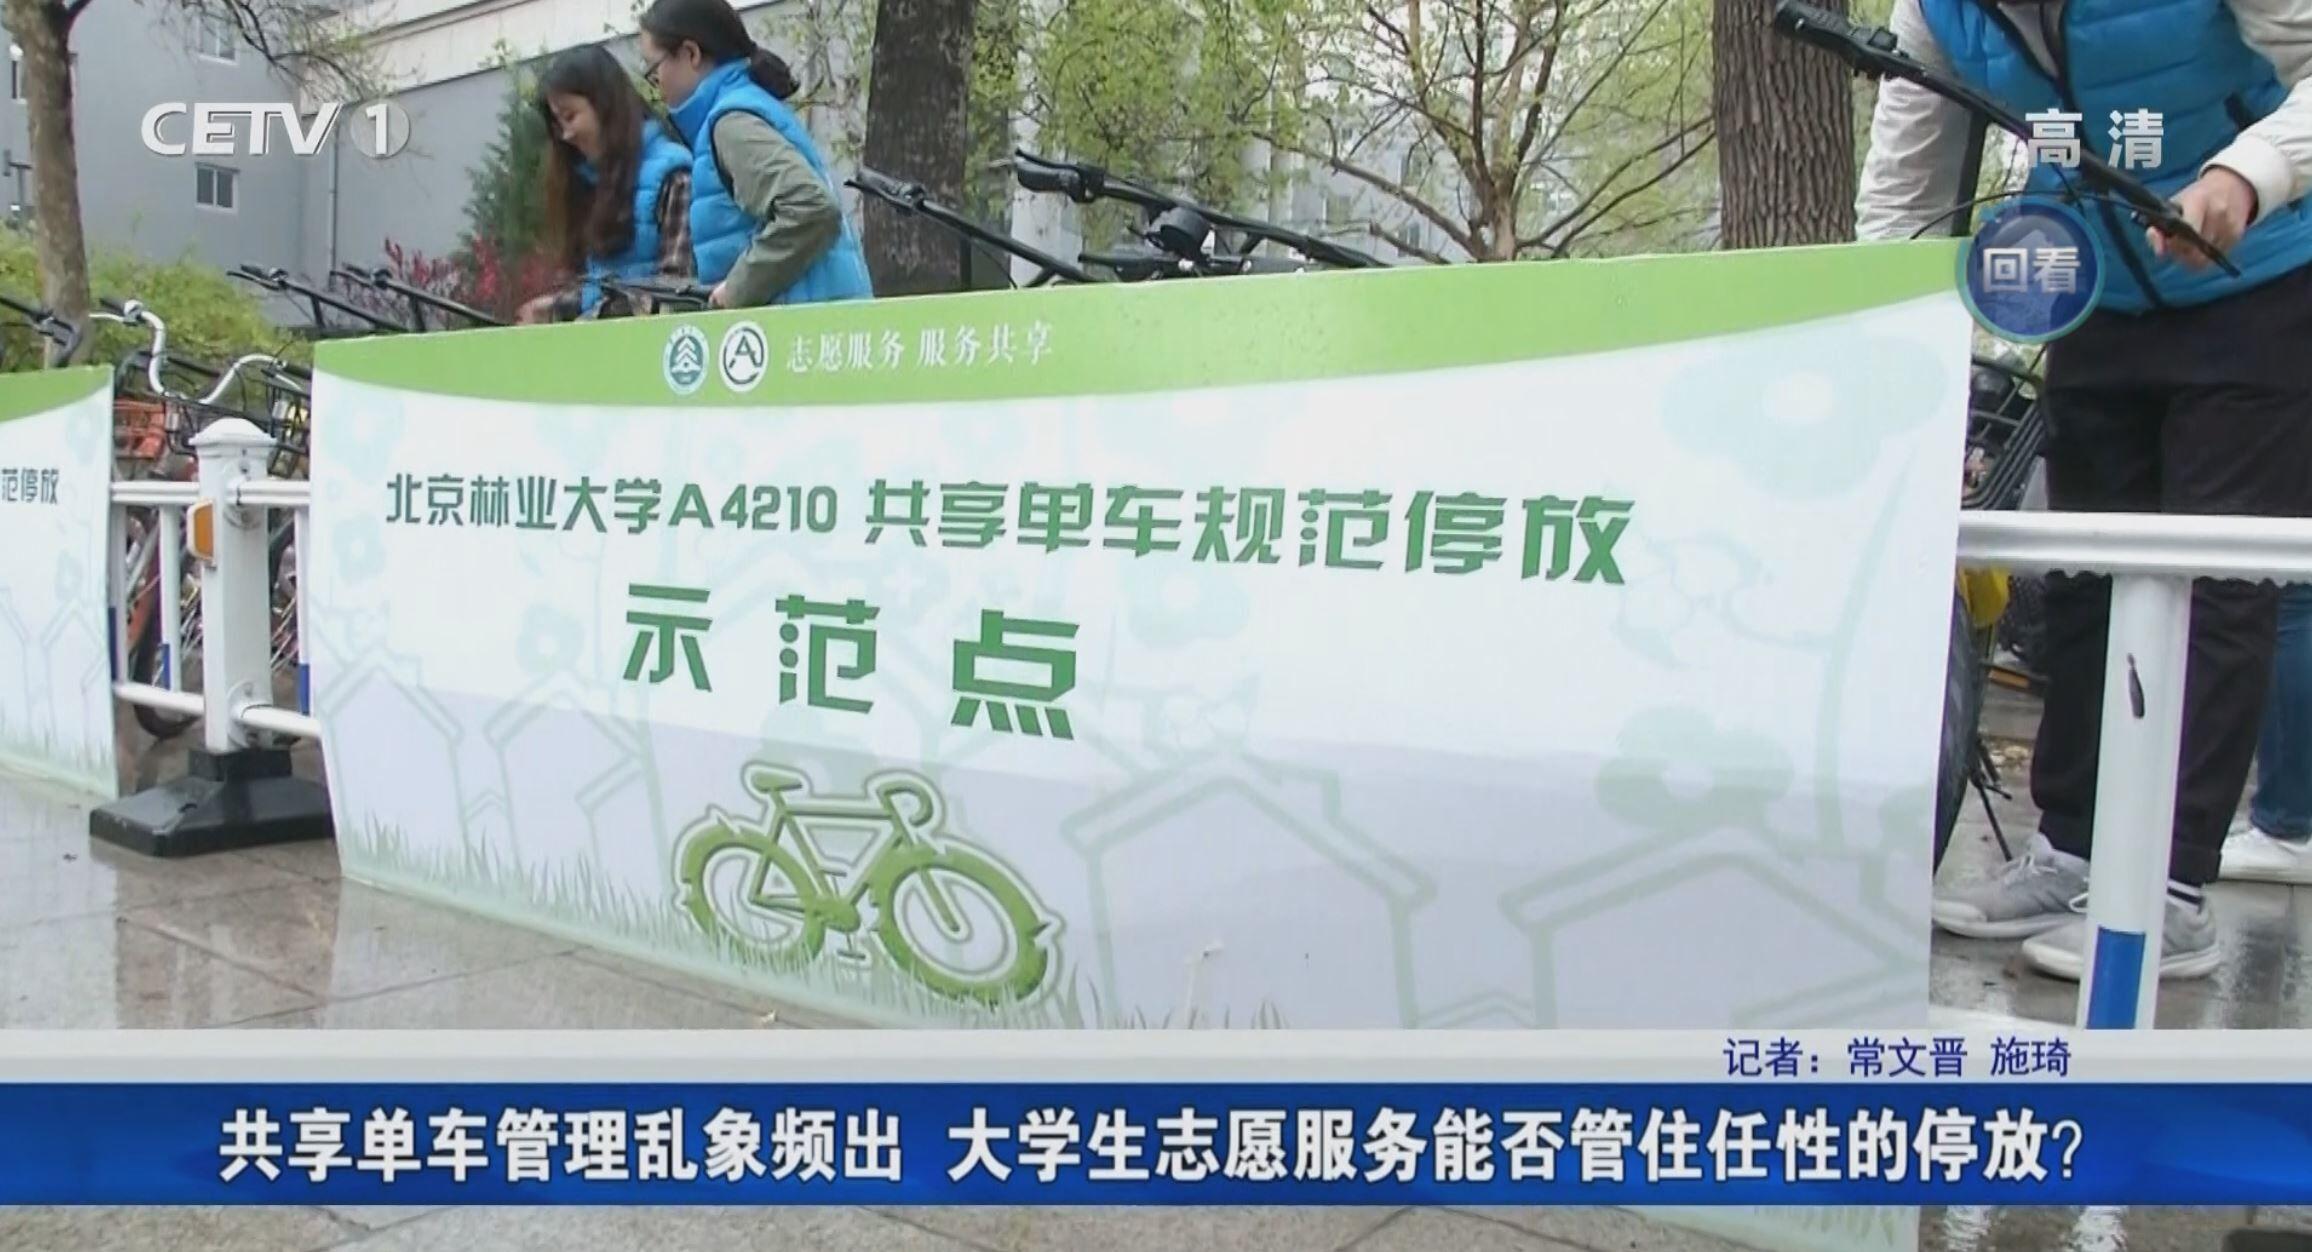 视频新闻第360期:中国教育电视台报道我校共享单车规范停放